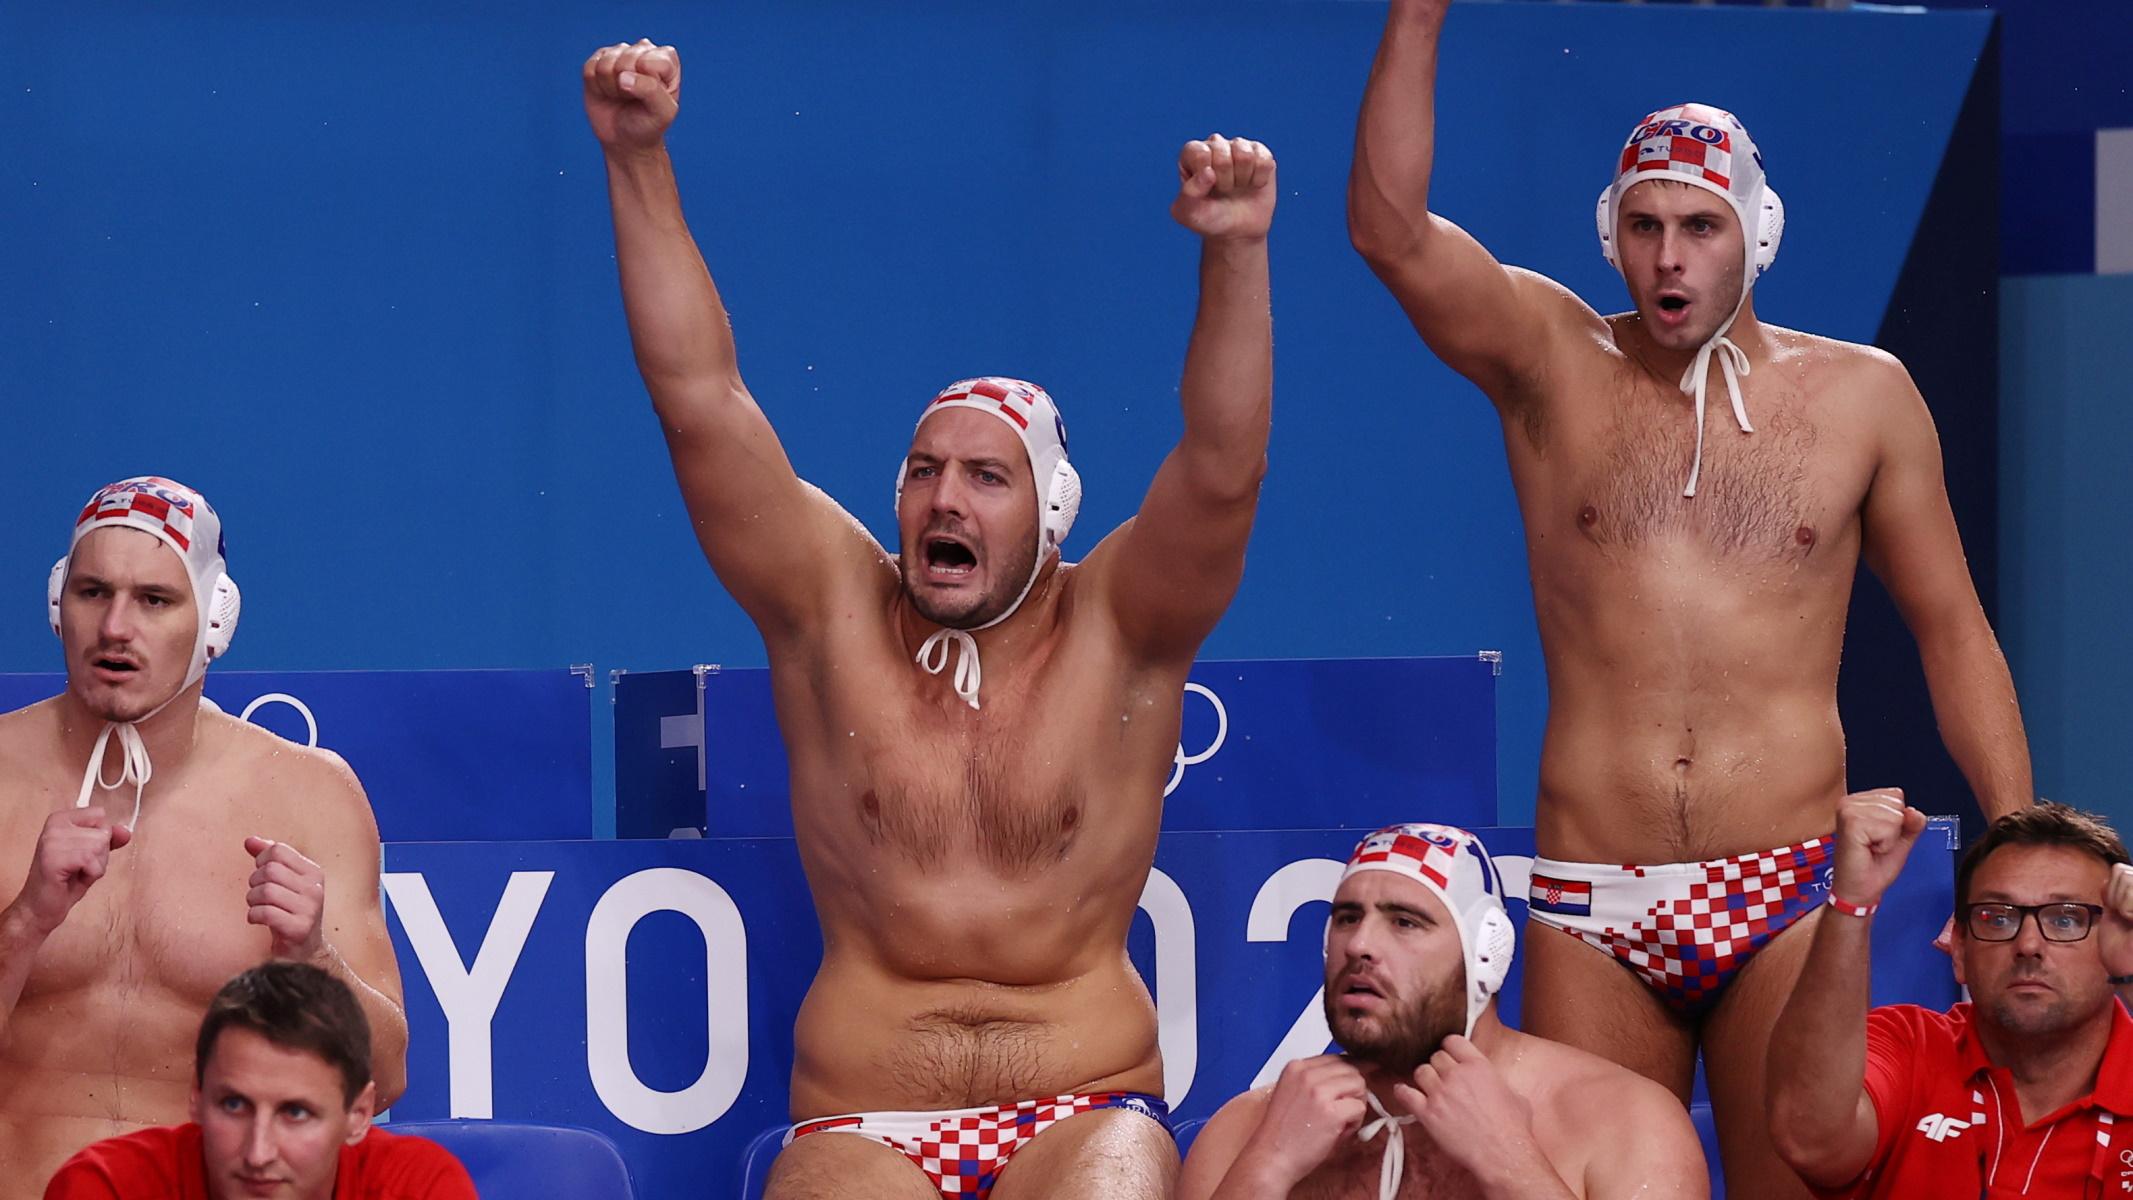 Κροατία – Σερβία 14-12: Η «χρβάτσκα» κέρδισε στο πόλο αντρών στους Ολυμπιακούς Αγώνες